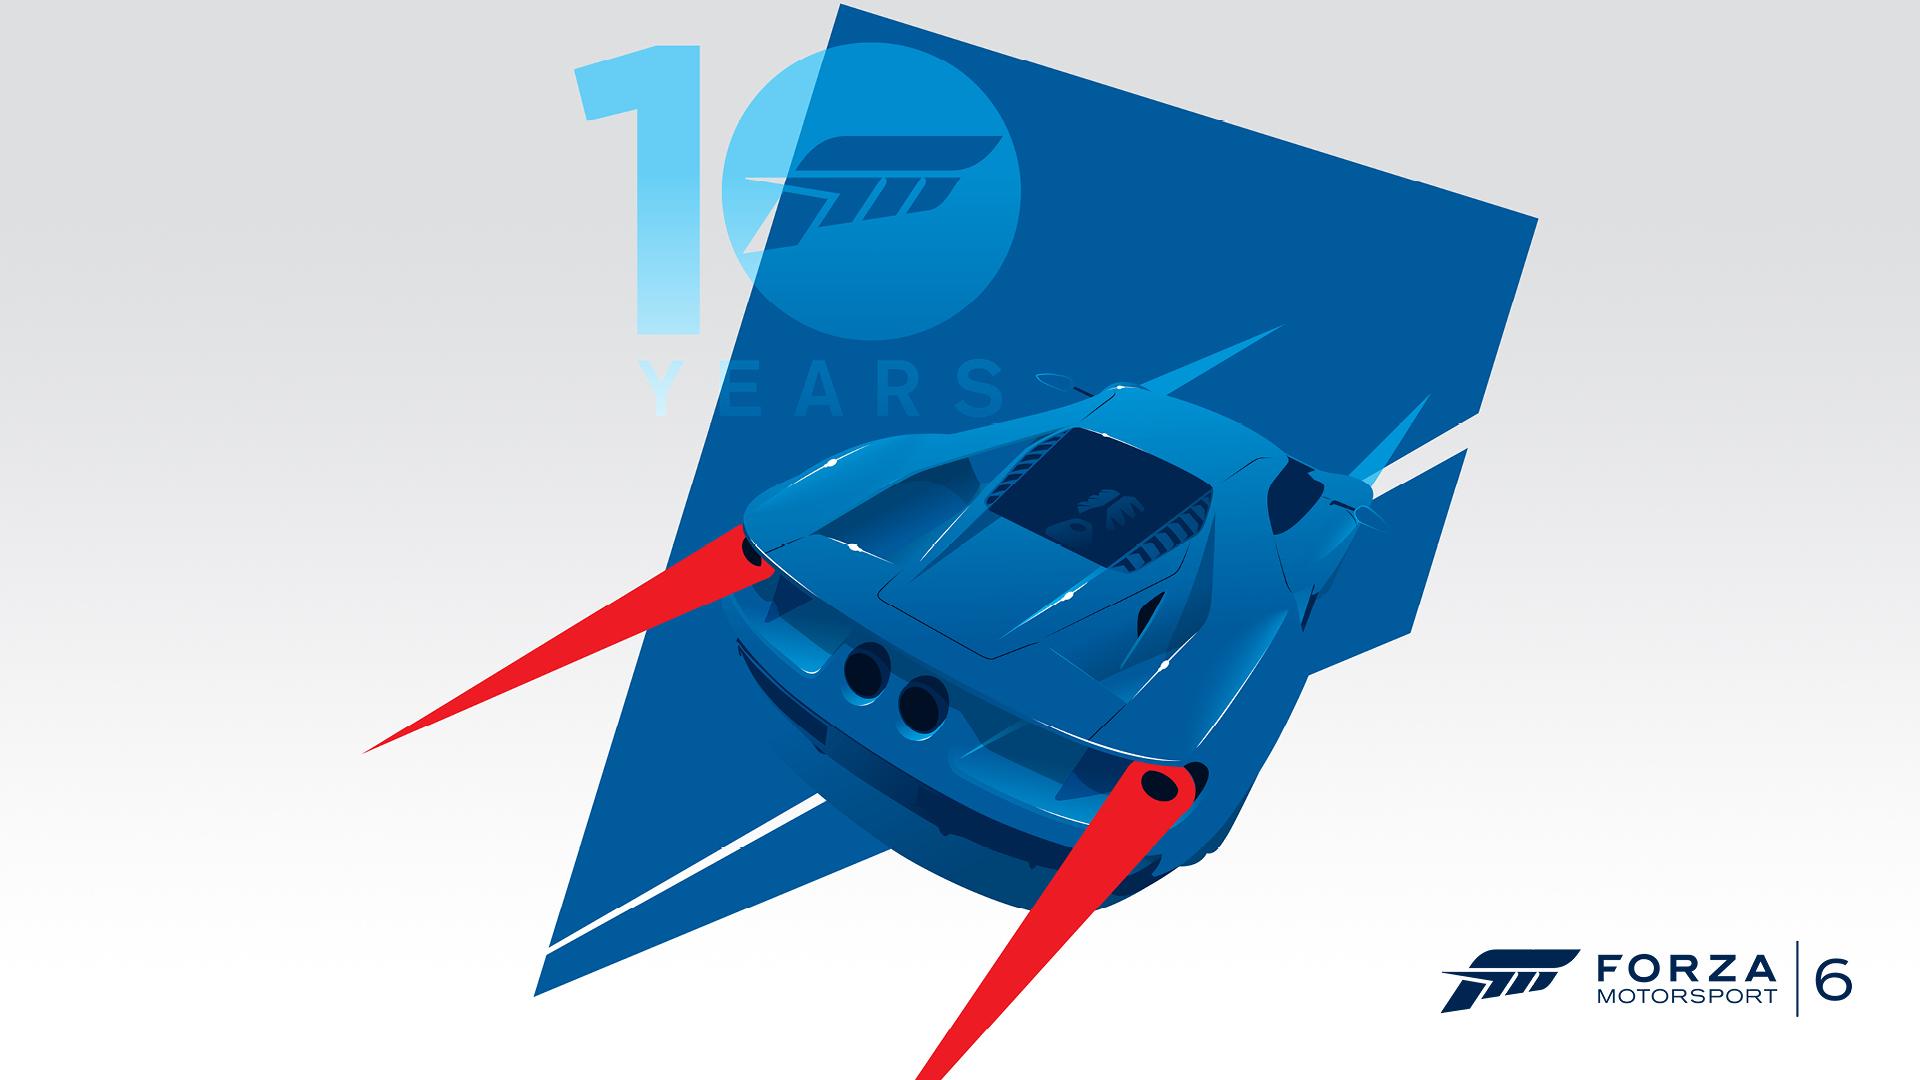 极限竞速6 Forza6壁纸